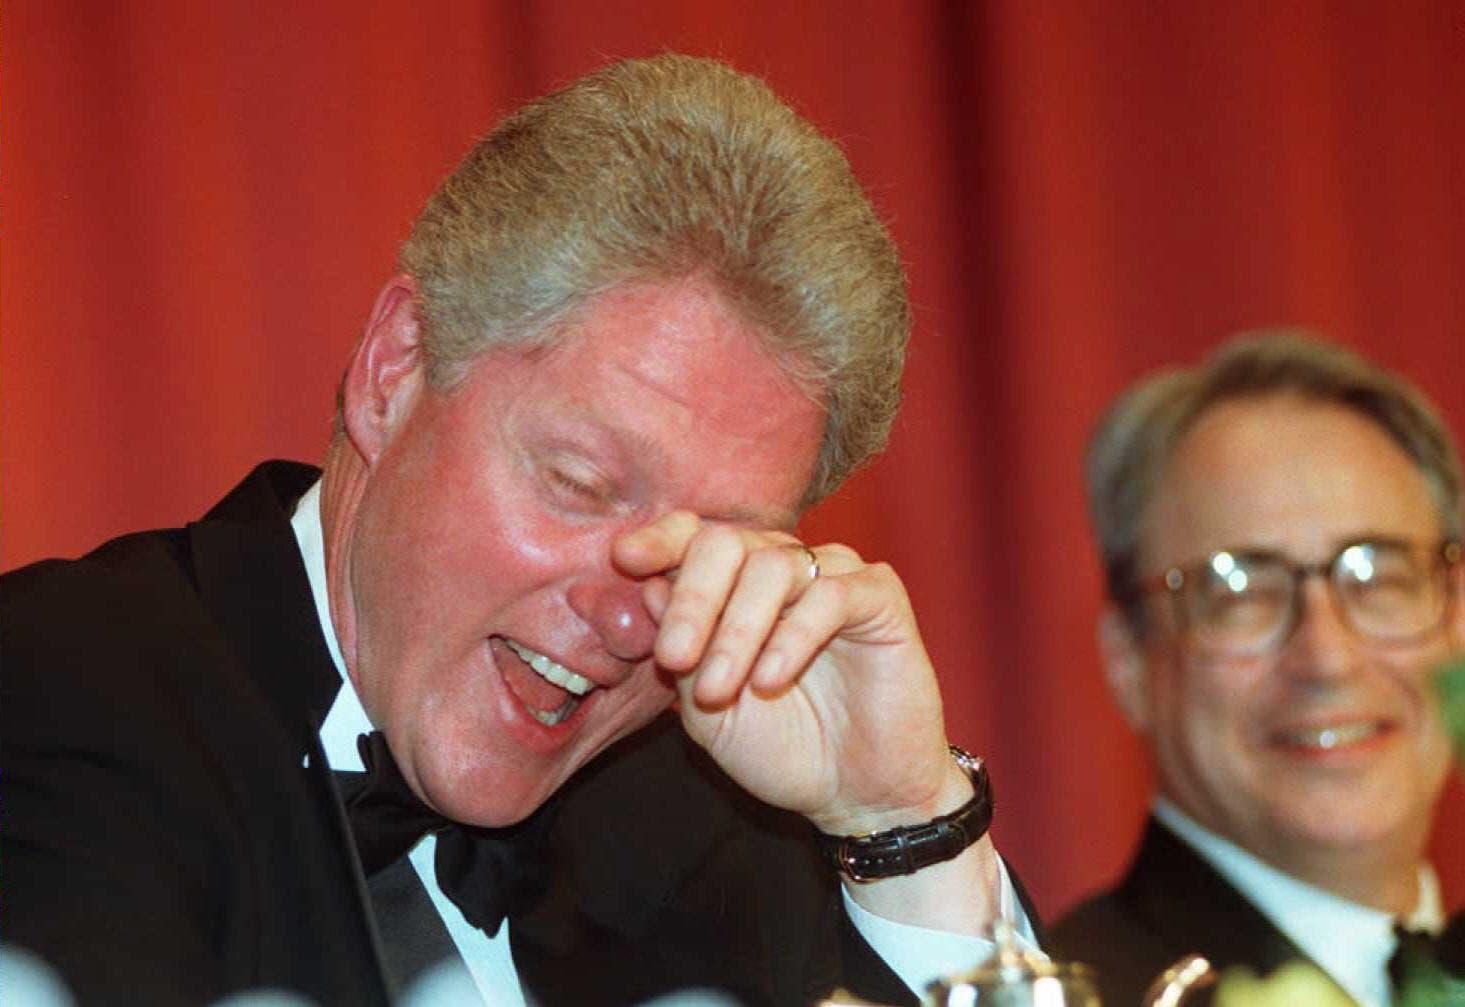 الرئيس الأميركي السابق بيل كلينتون في العشاء السنوي عام 1996